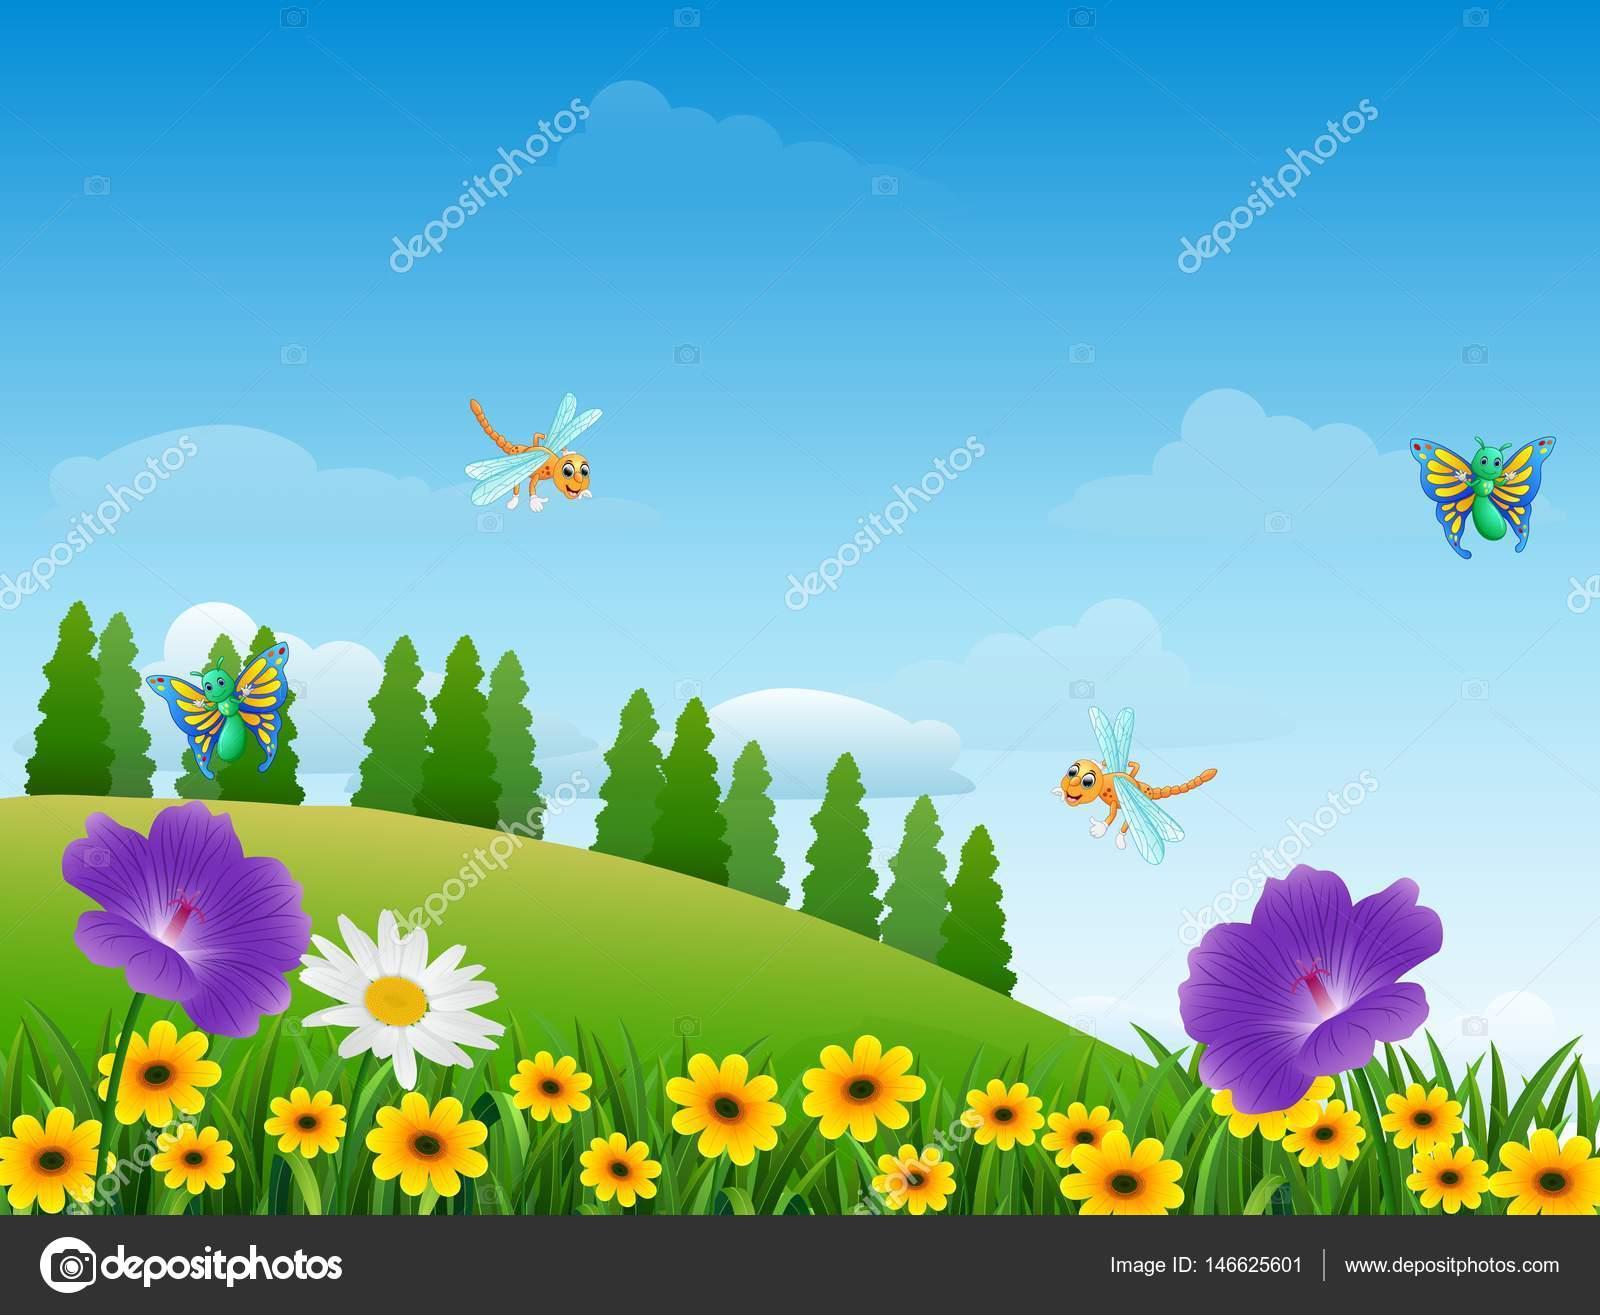 Dibujos animados de insectos en el jard n archivo - Imagenes para jardin ...